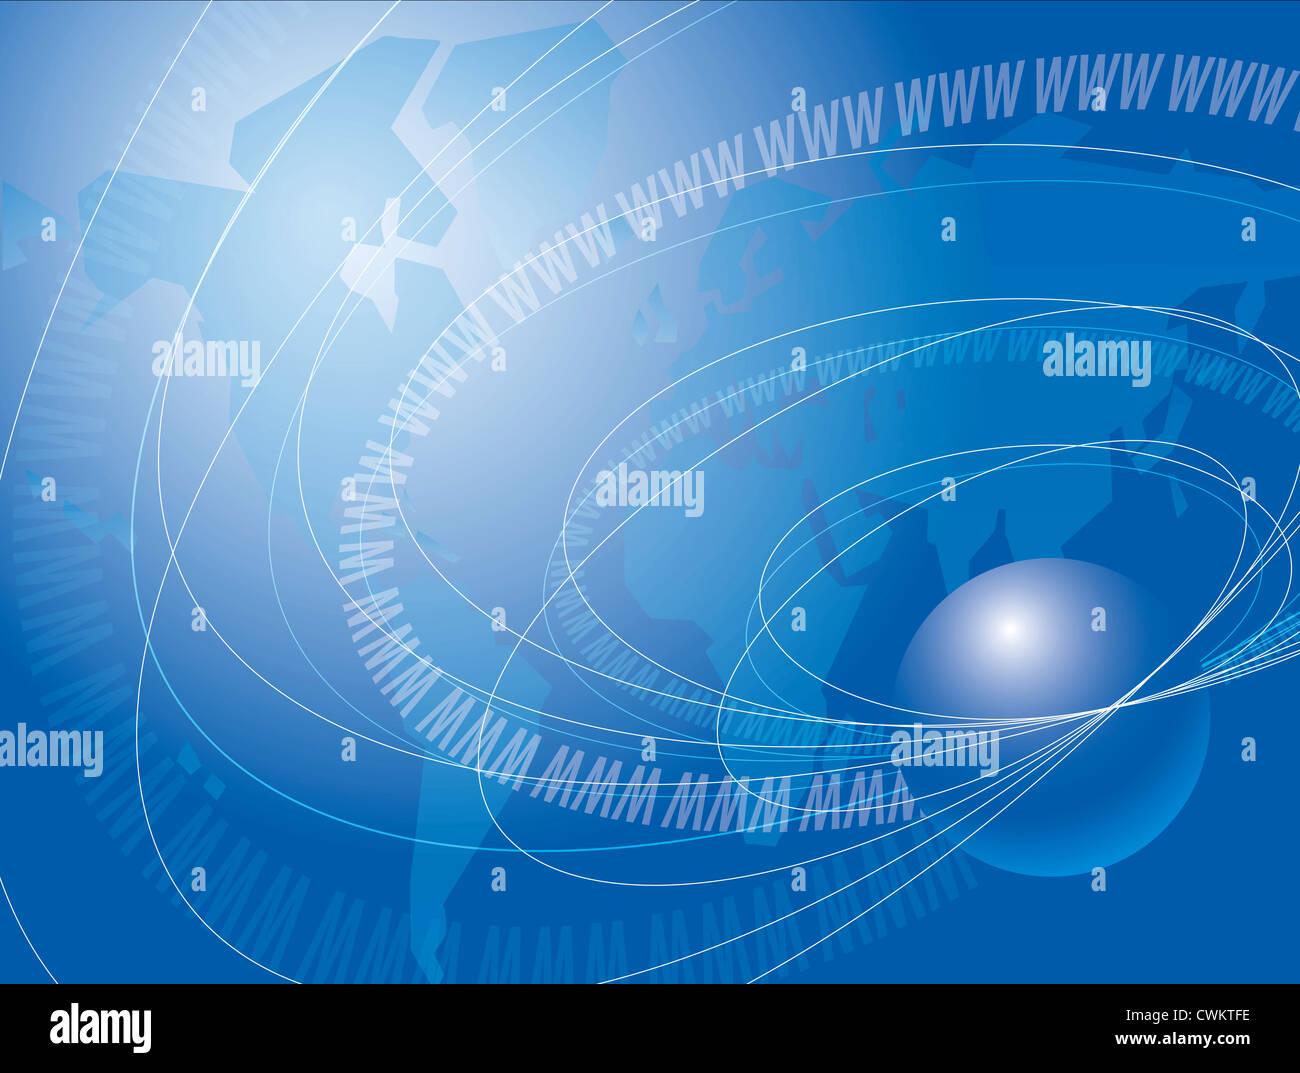 wireless communication technology - www - Stock Image